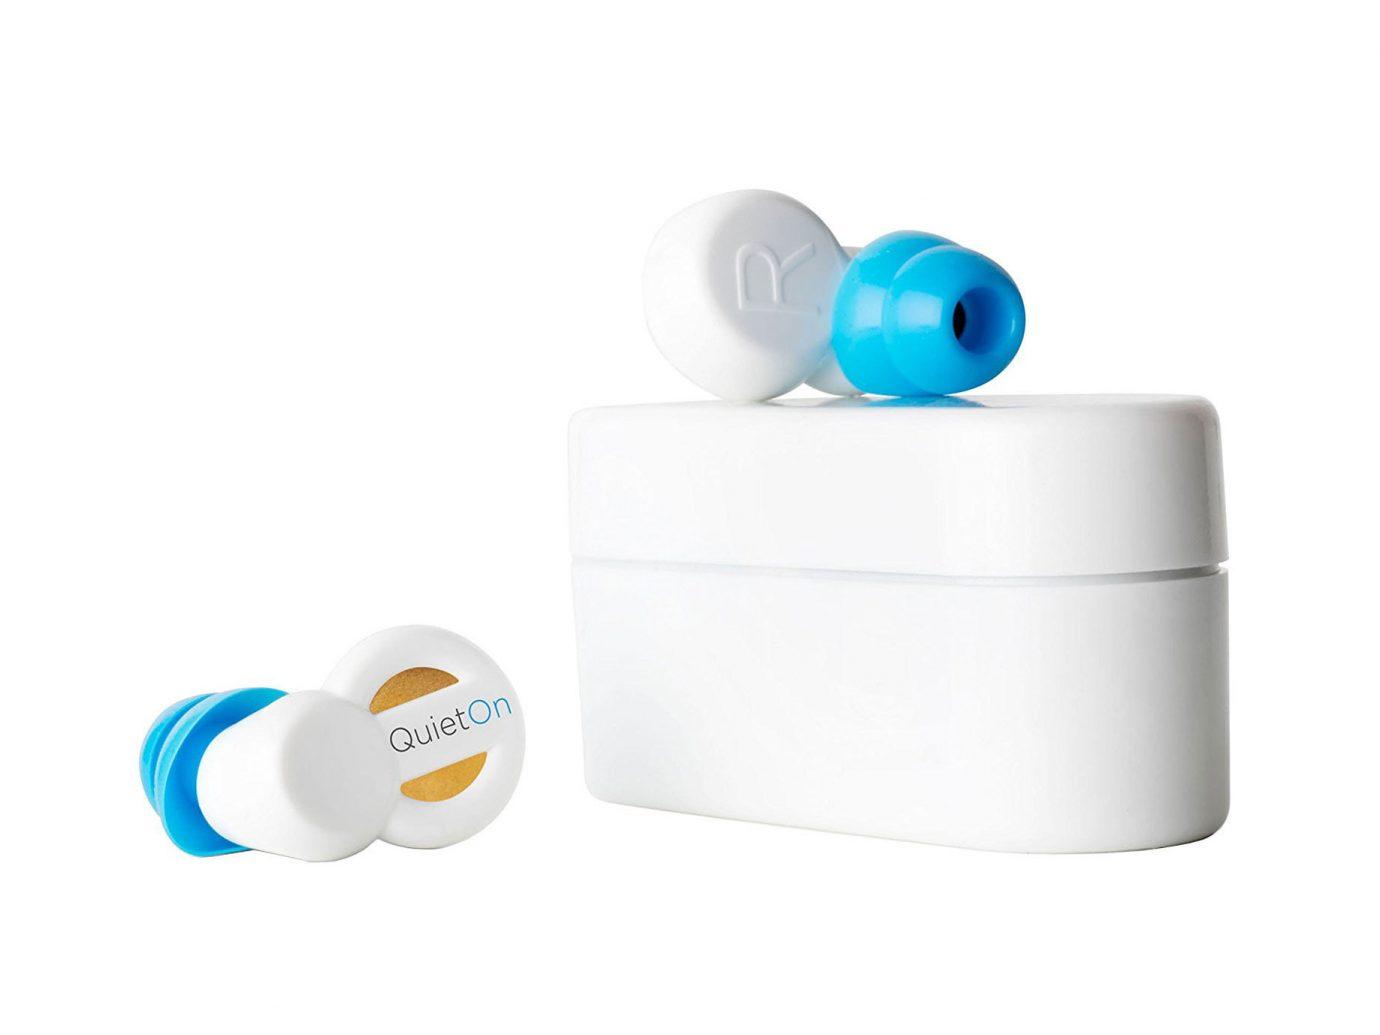 Travel Tips product lighting bottle soap dispenser